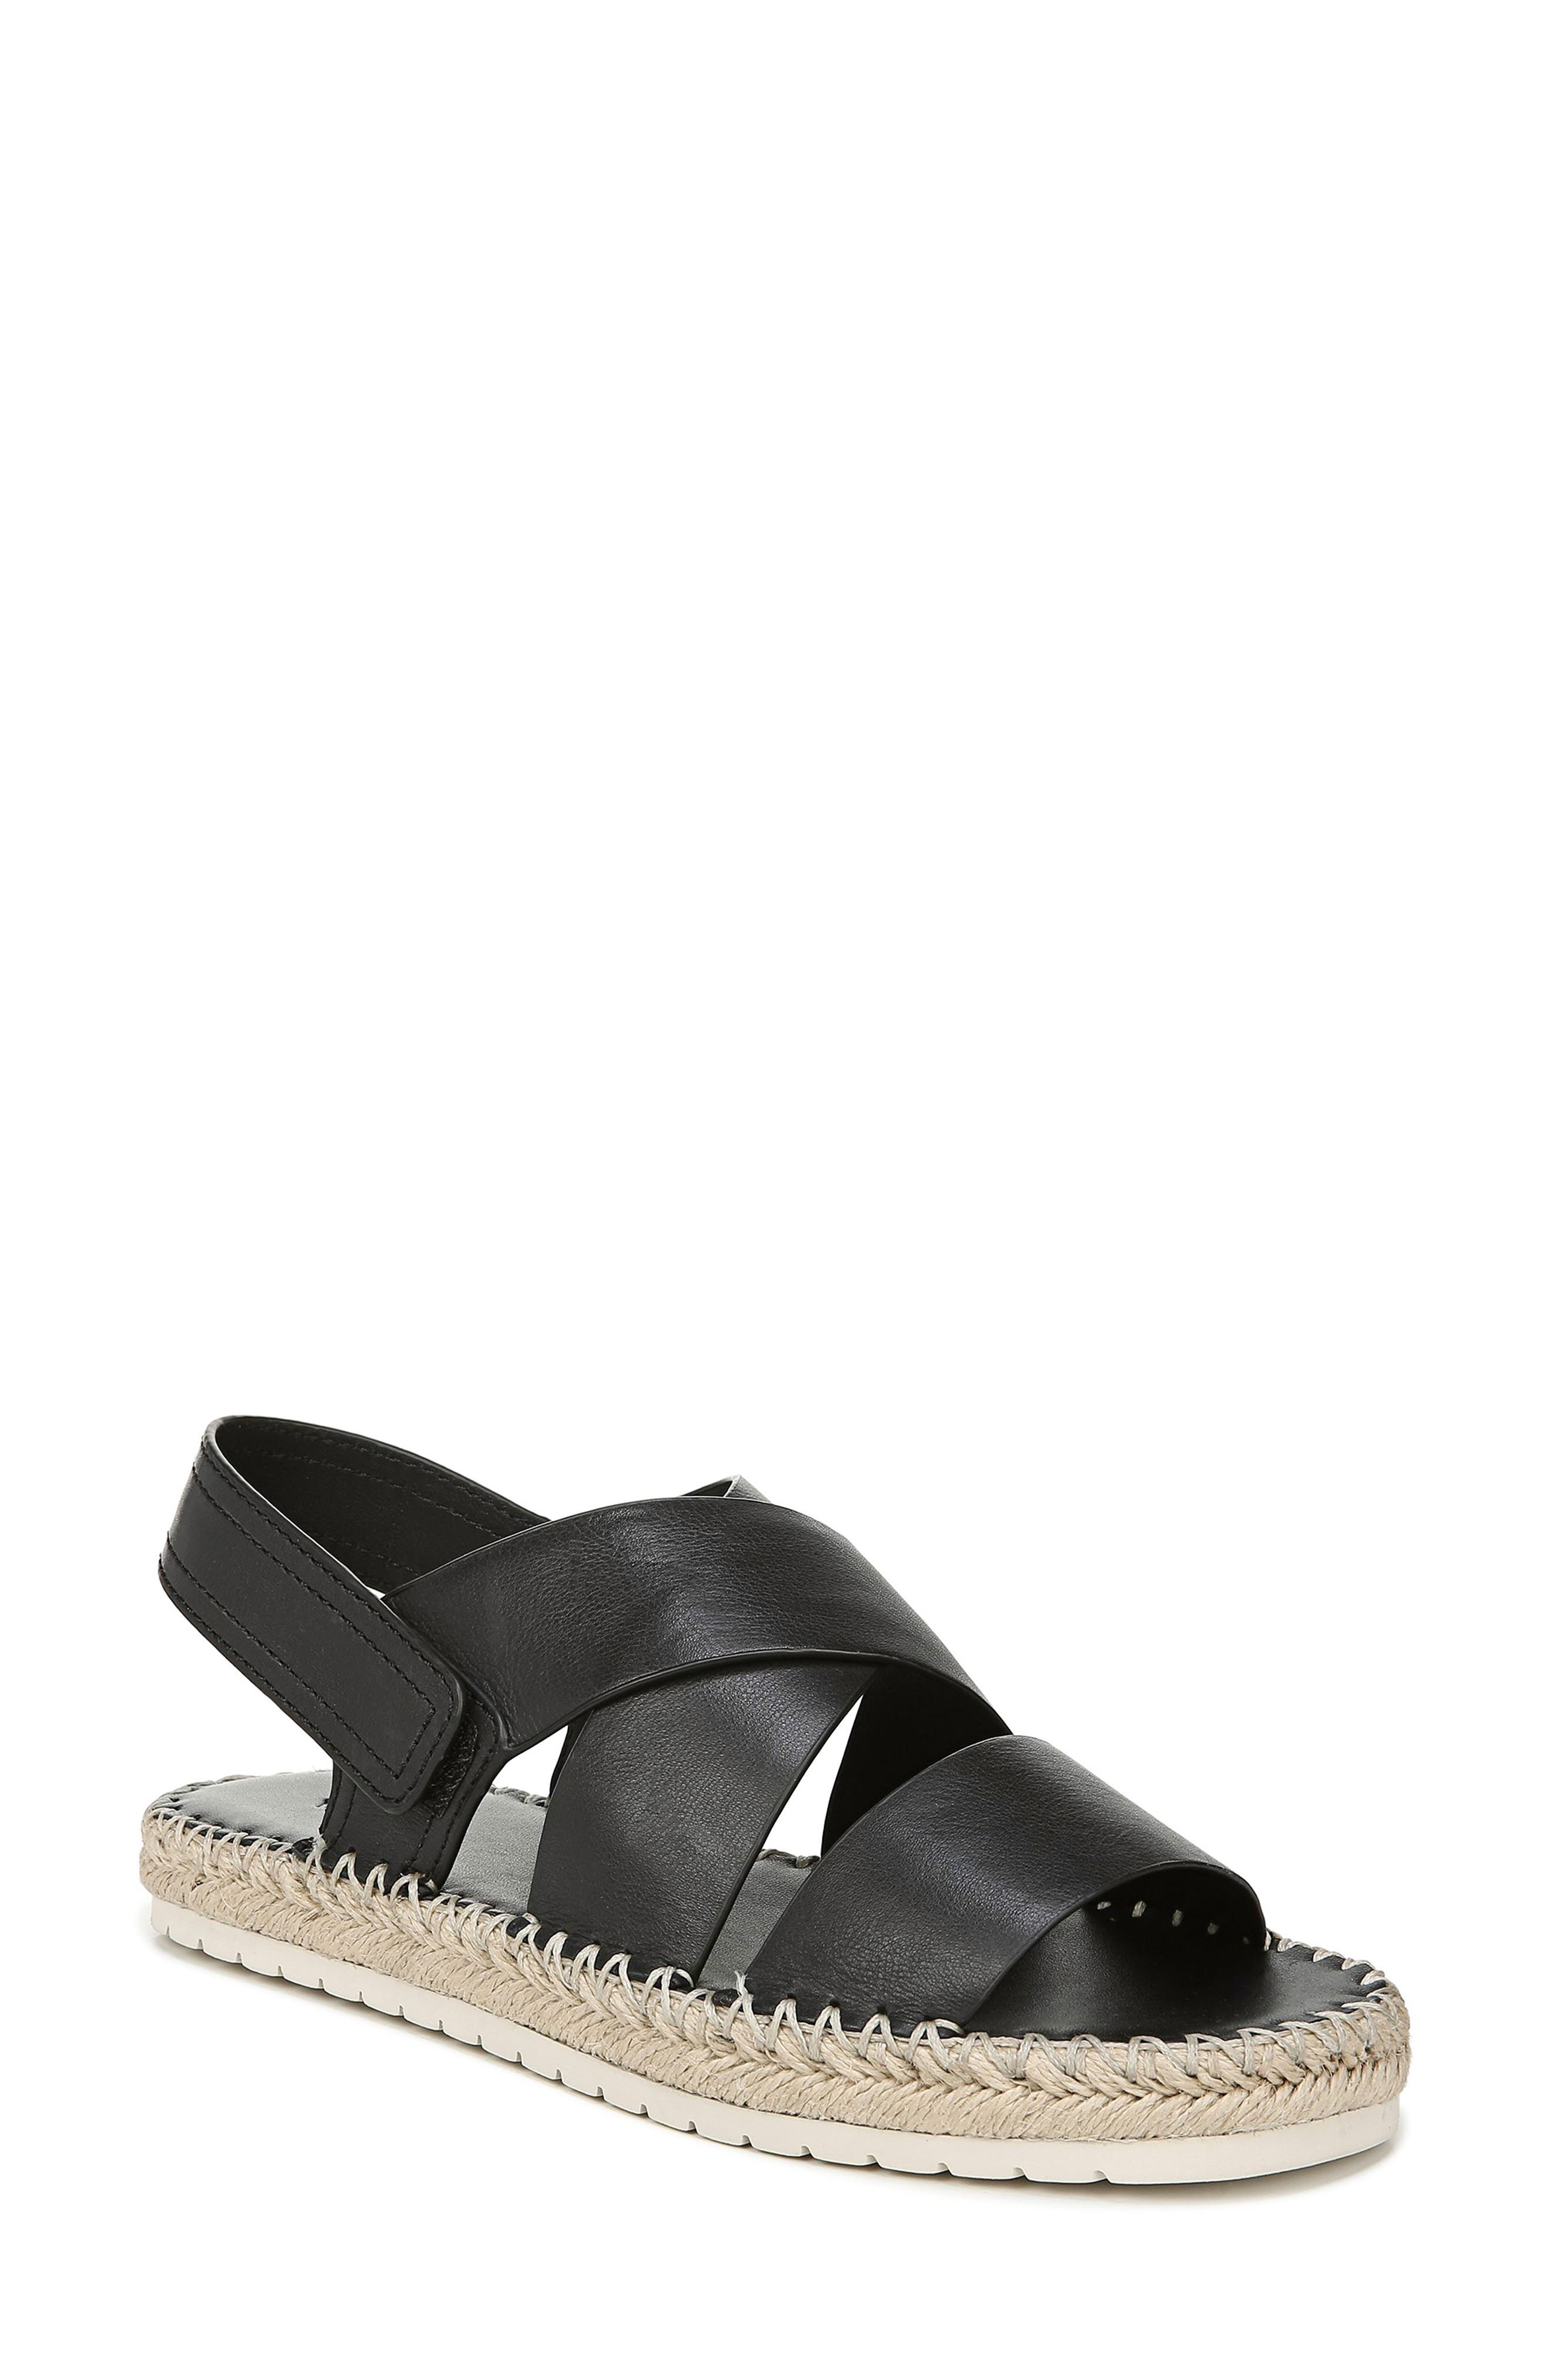 Image of Vince Tenison Leather Platform Espadrille Sandal